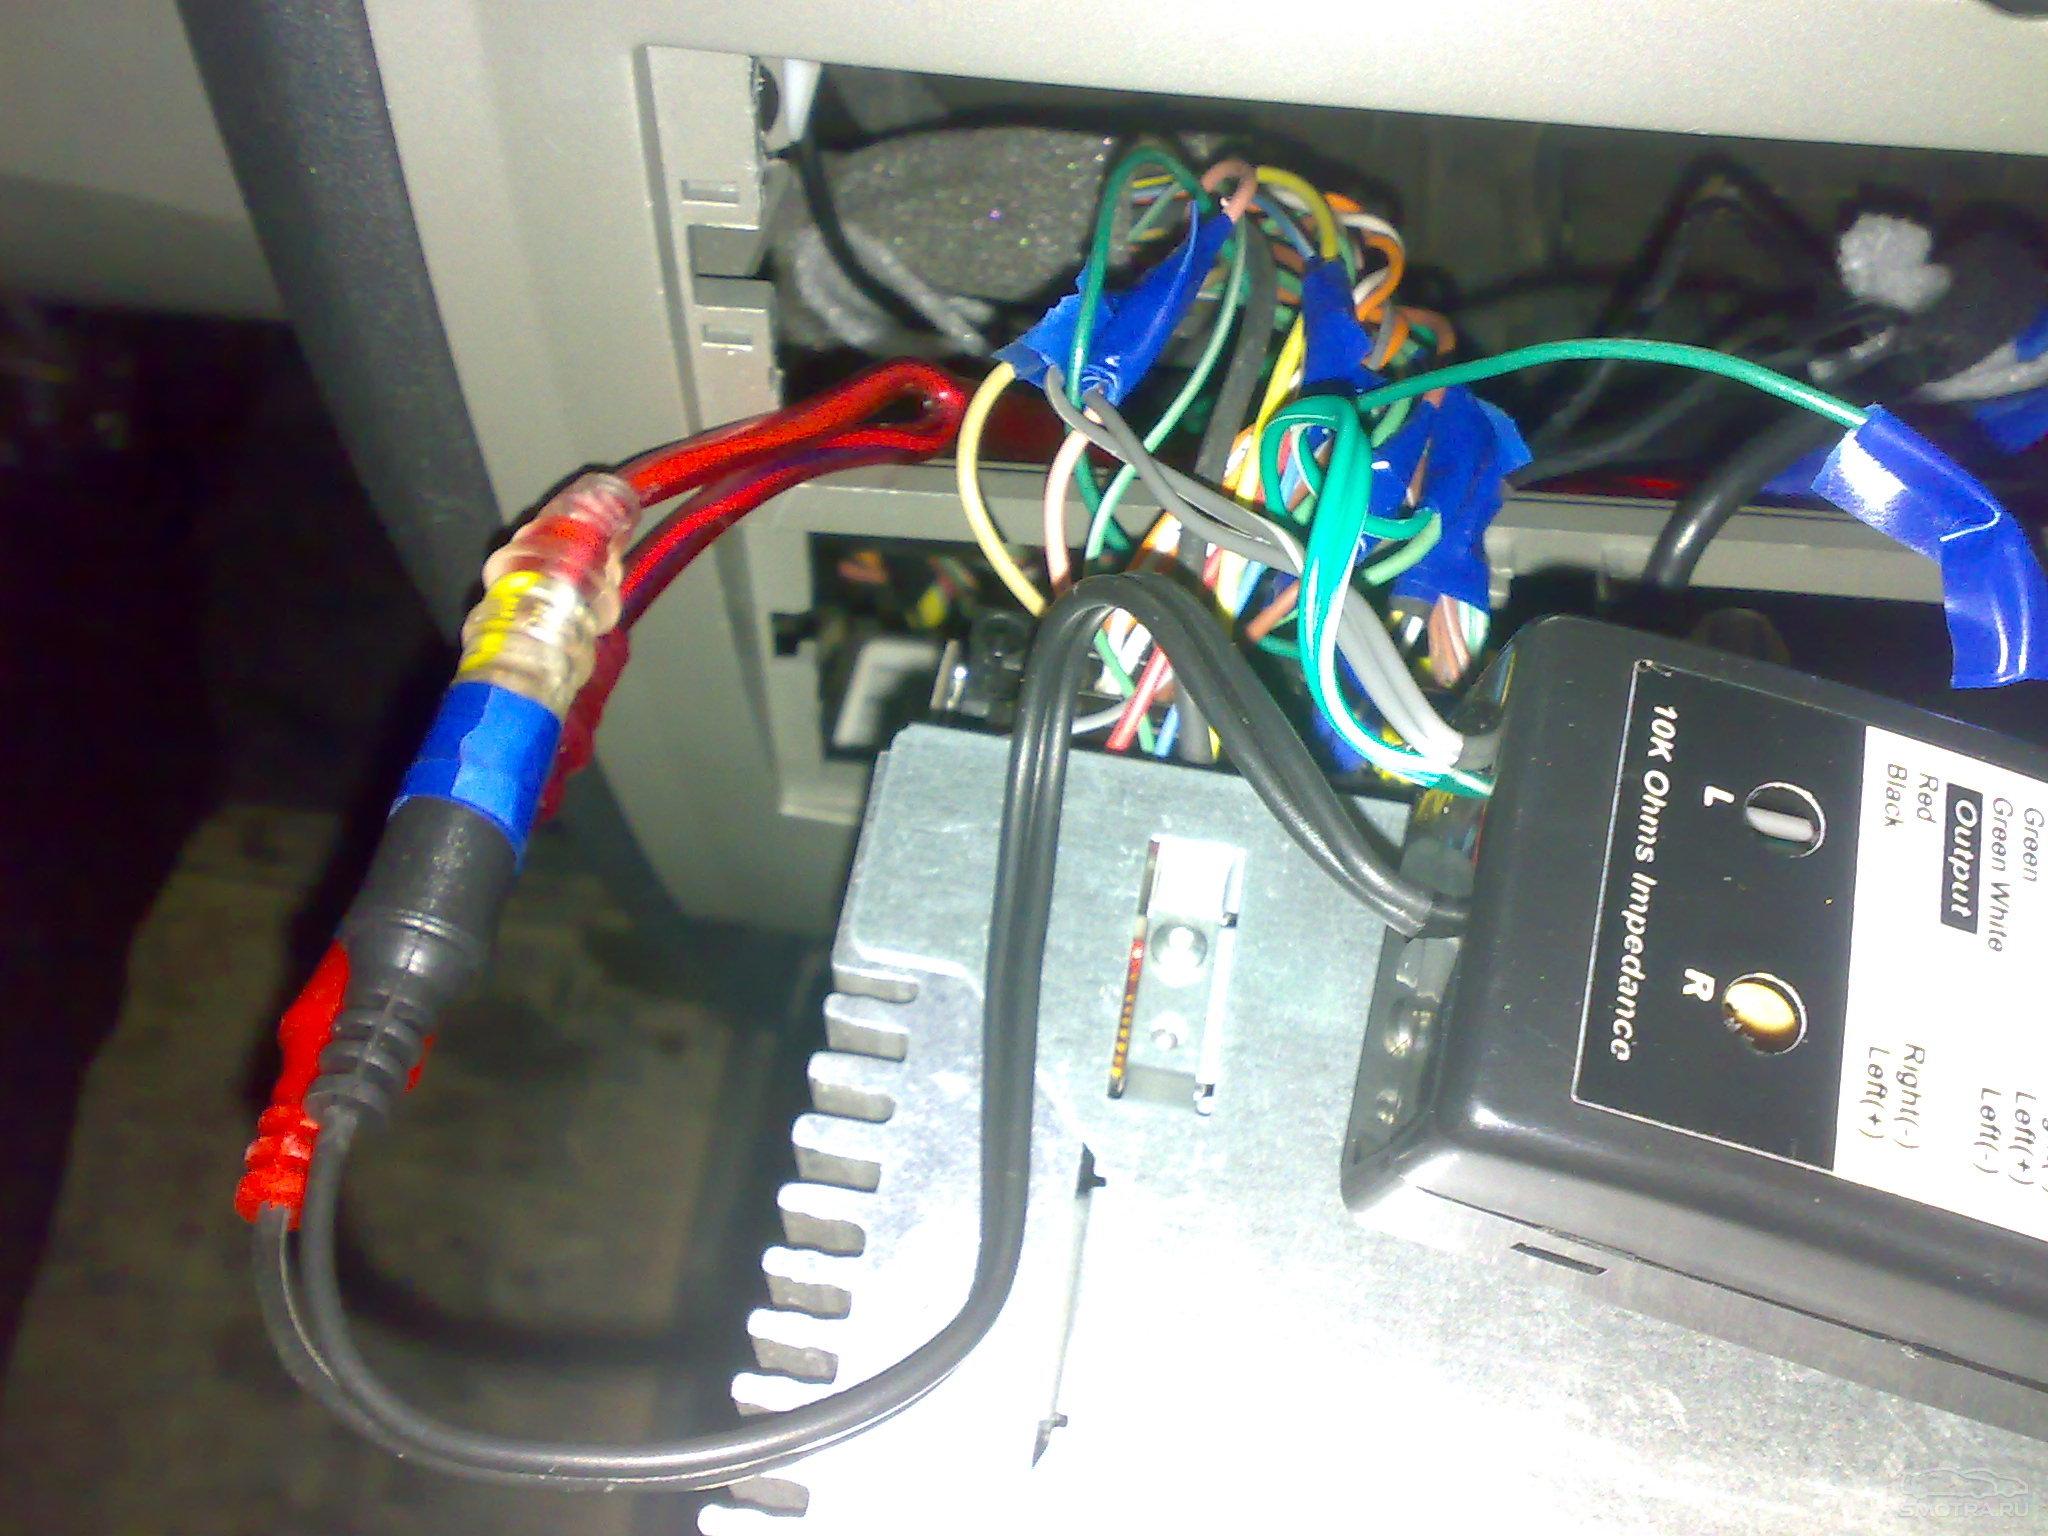 Как подключить стационарный телефон к линии связи 16